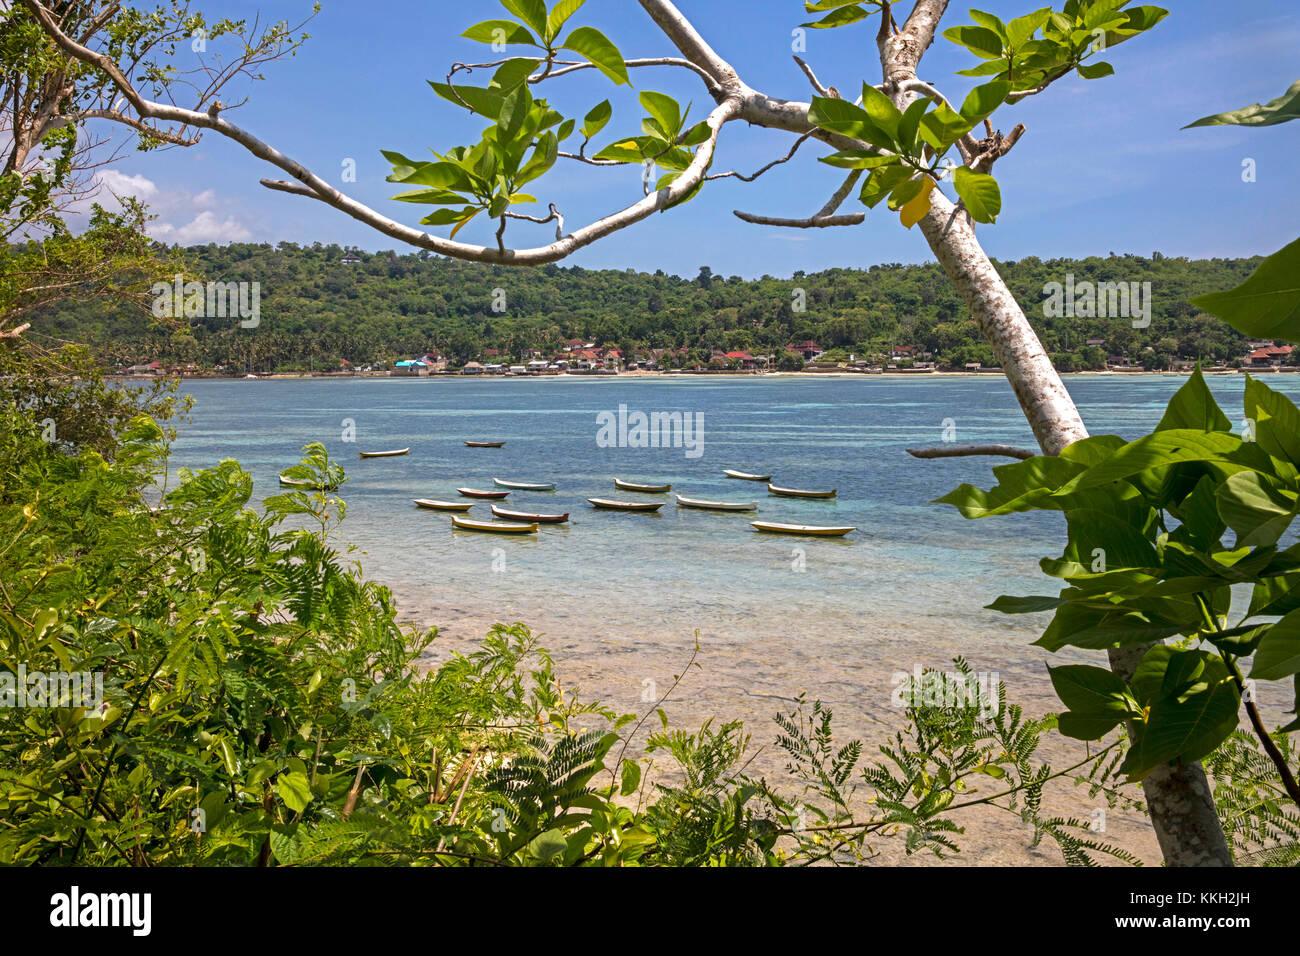 Les bateaux de pêche et vue sur village côtier sur l'île Nusa ceningan vu de près de Nusa Lembongan Bali en Indonésie Banque D'Images